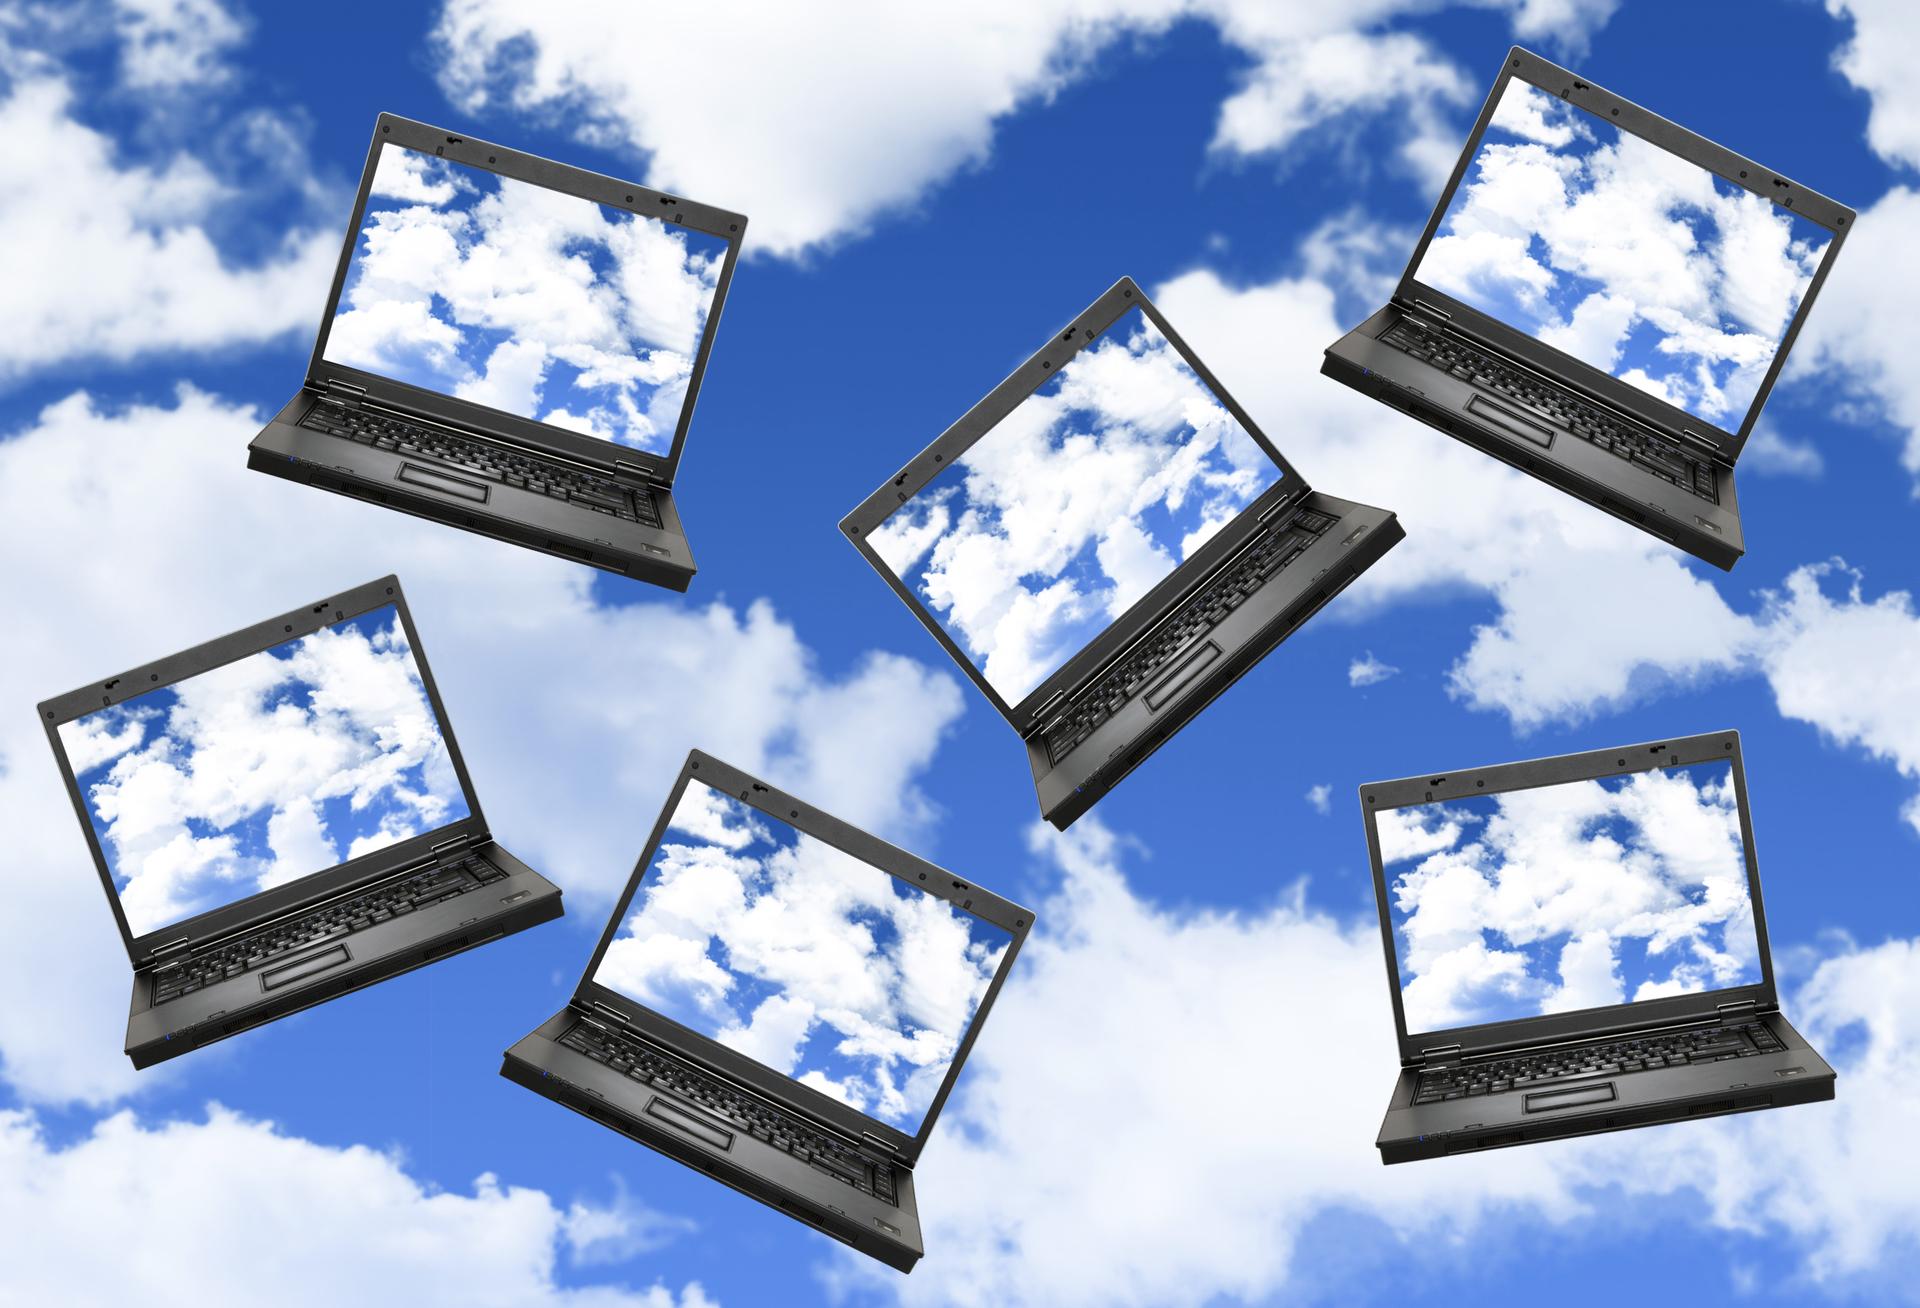 Топ 10 мифов облачных технологий по версии Gartner